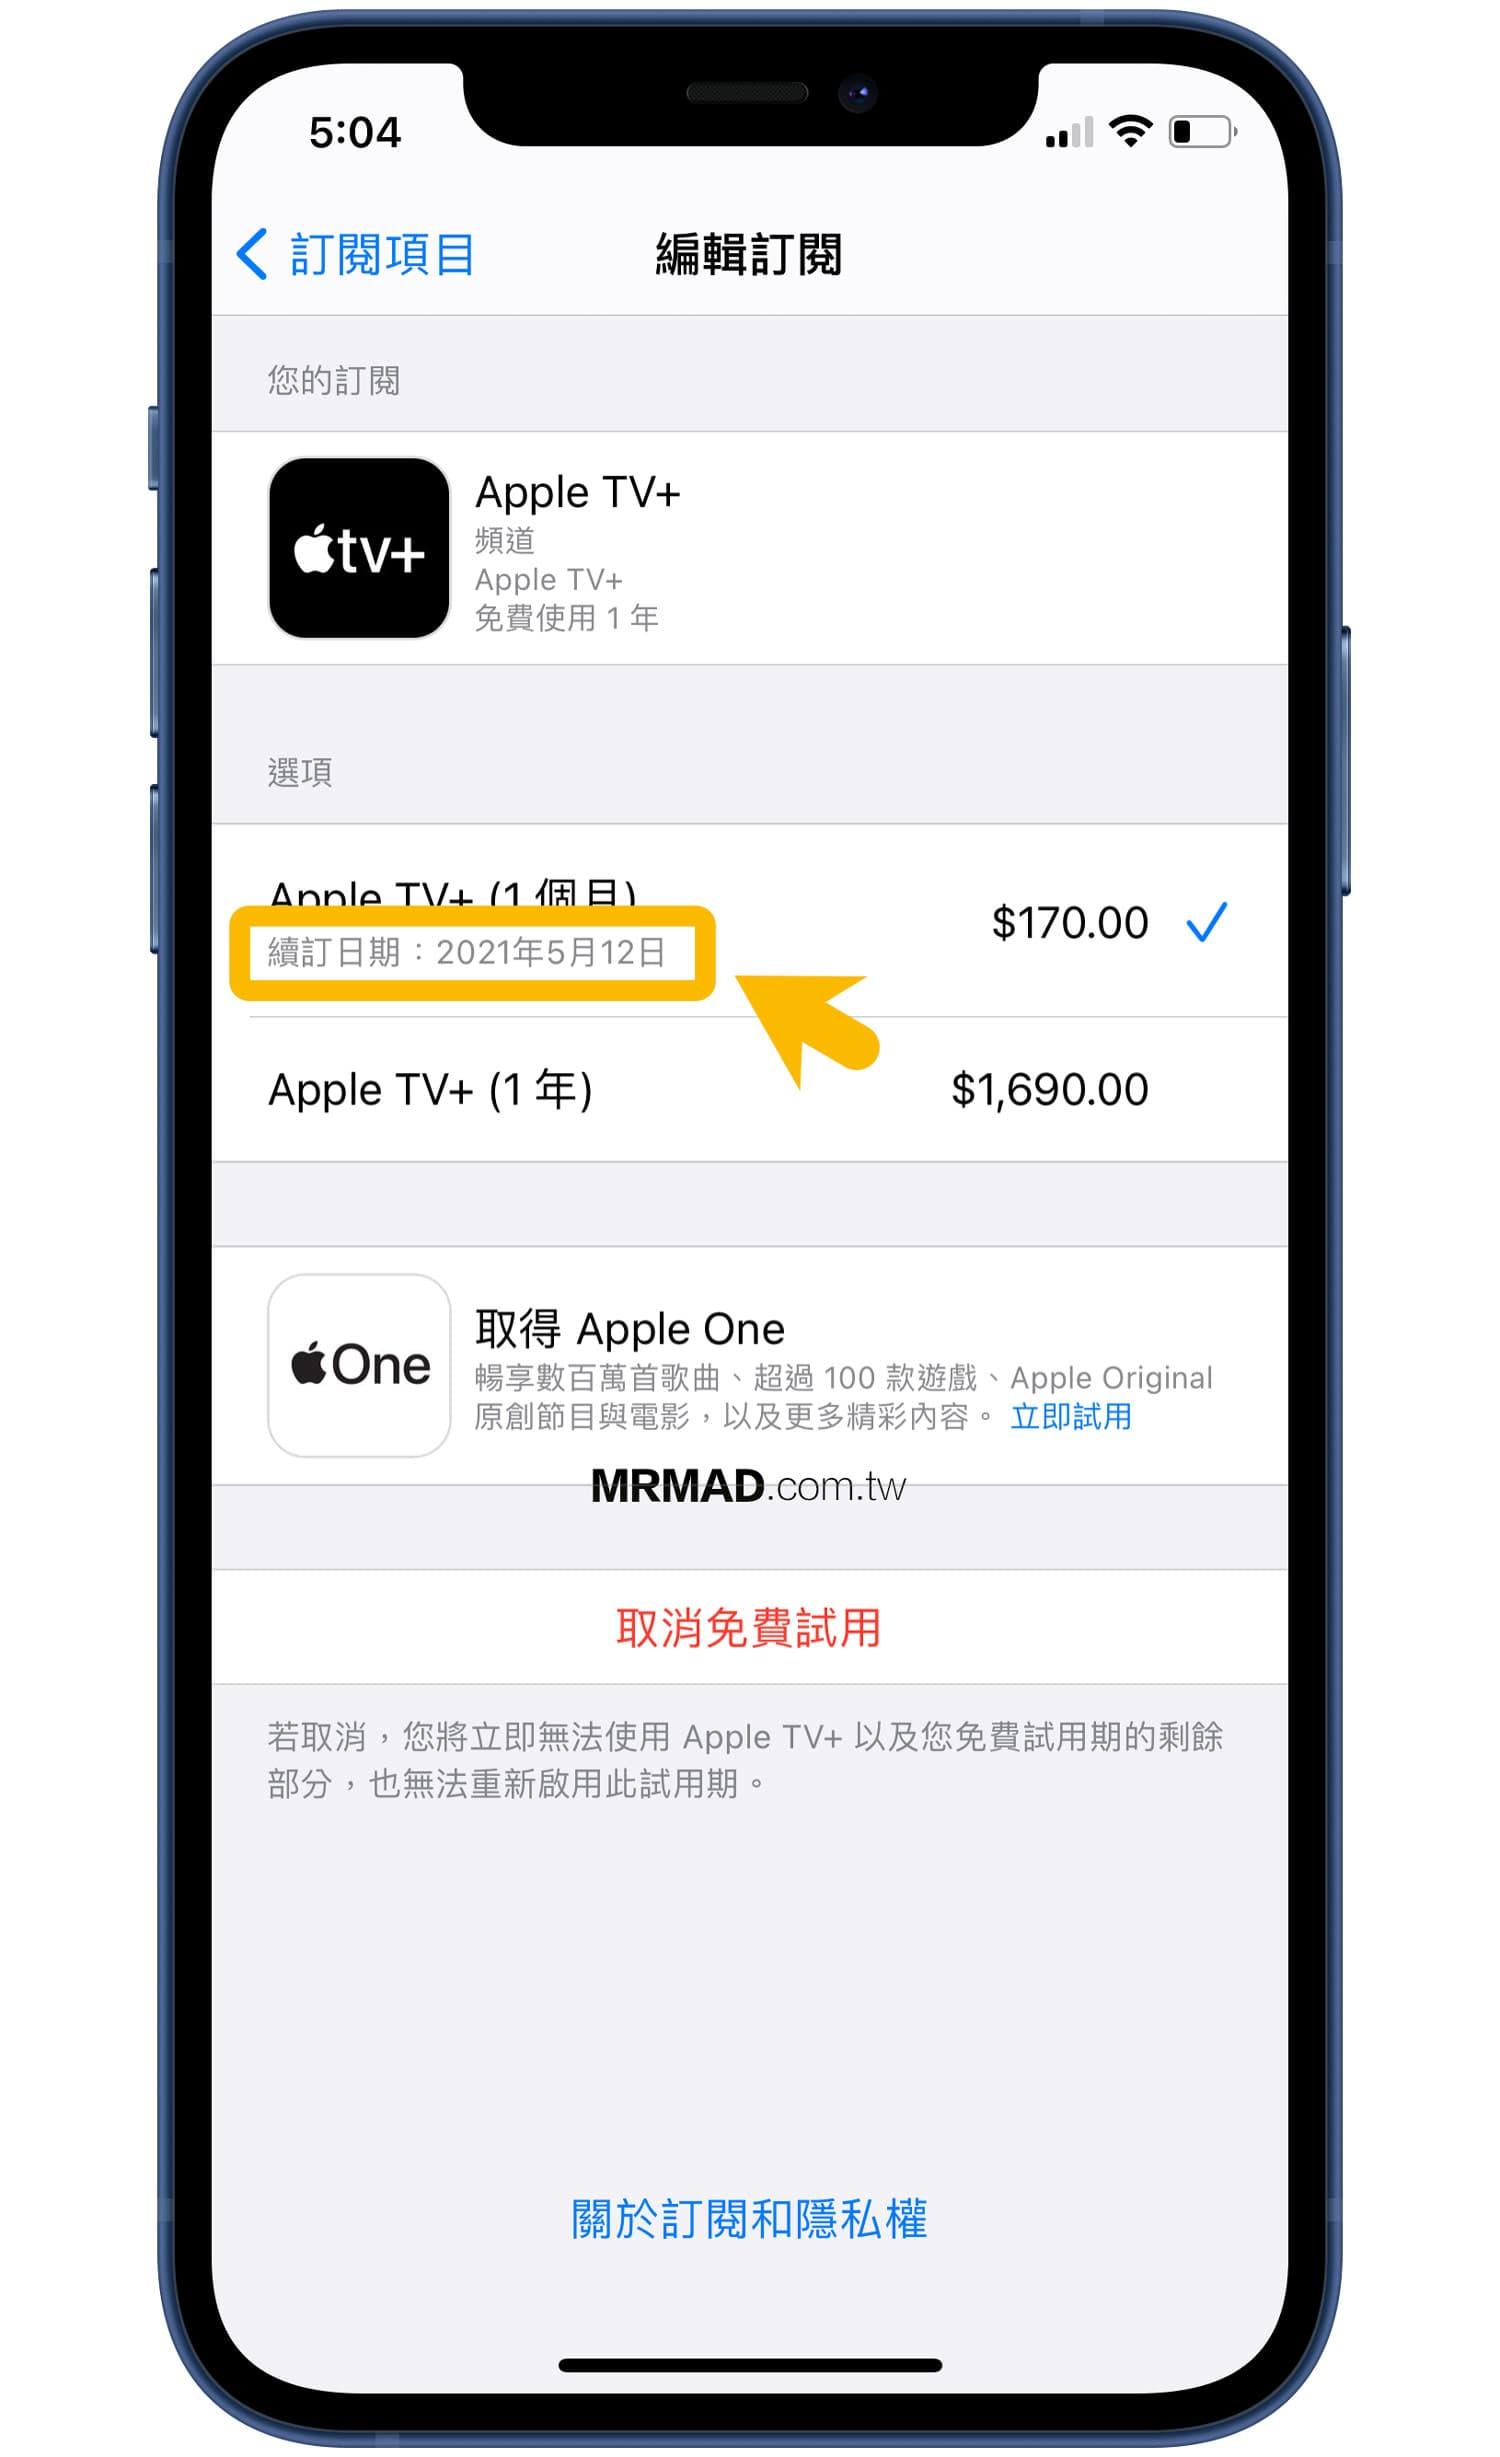 Apple TV+ 取消訂閱步驟3